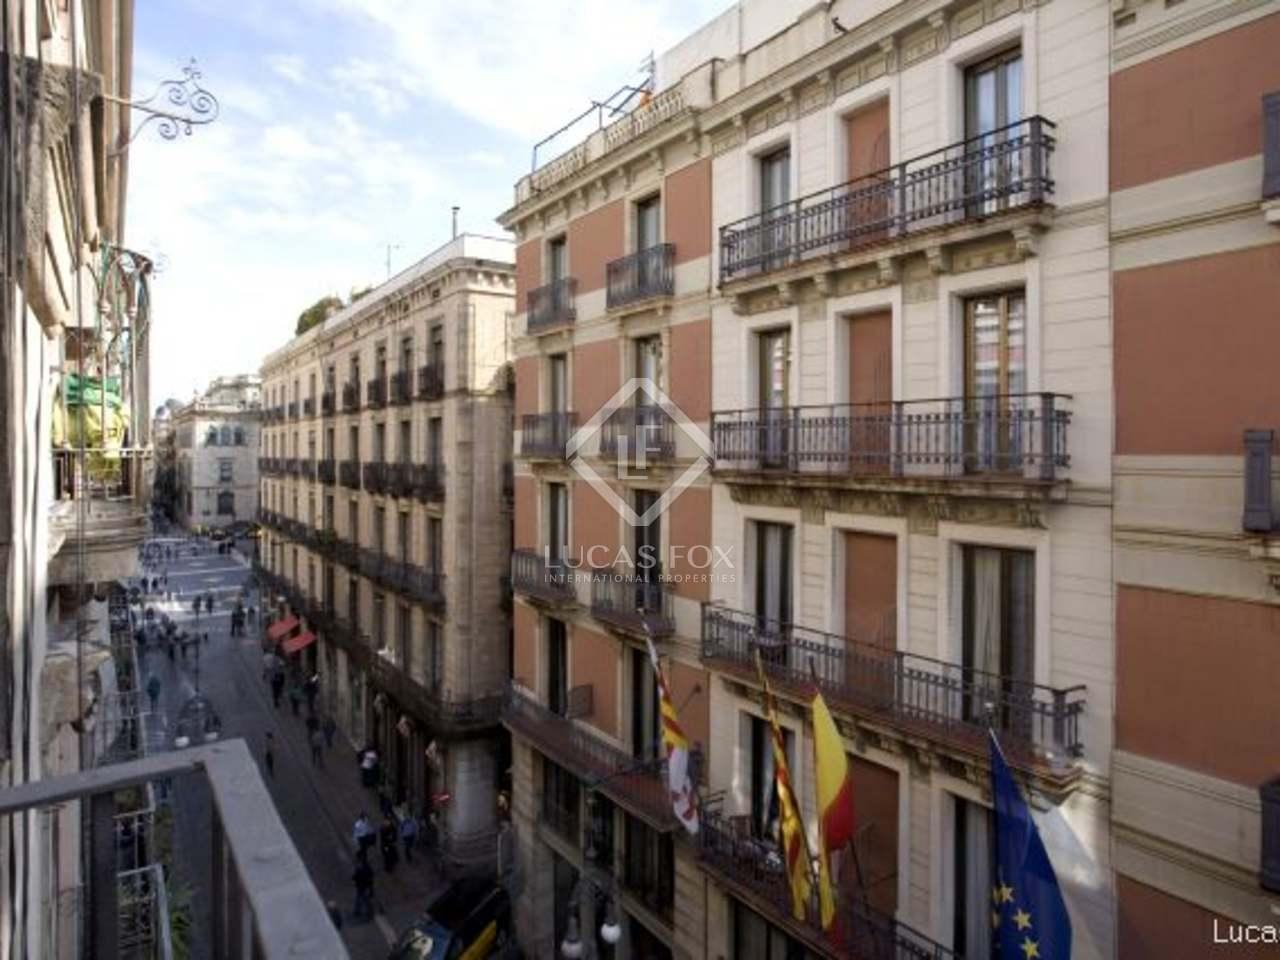 Appartement en dernier tage acheter dans la vieille for Appartement piscine barcelone